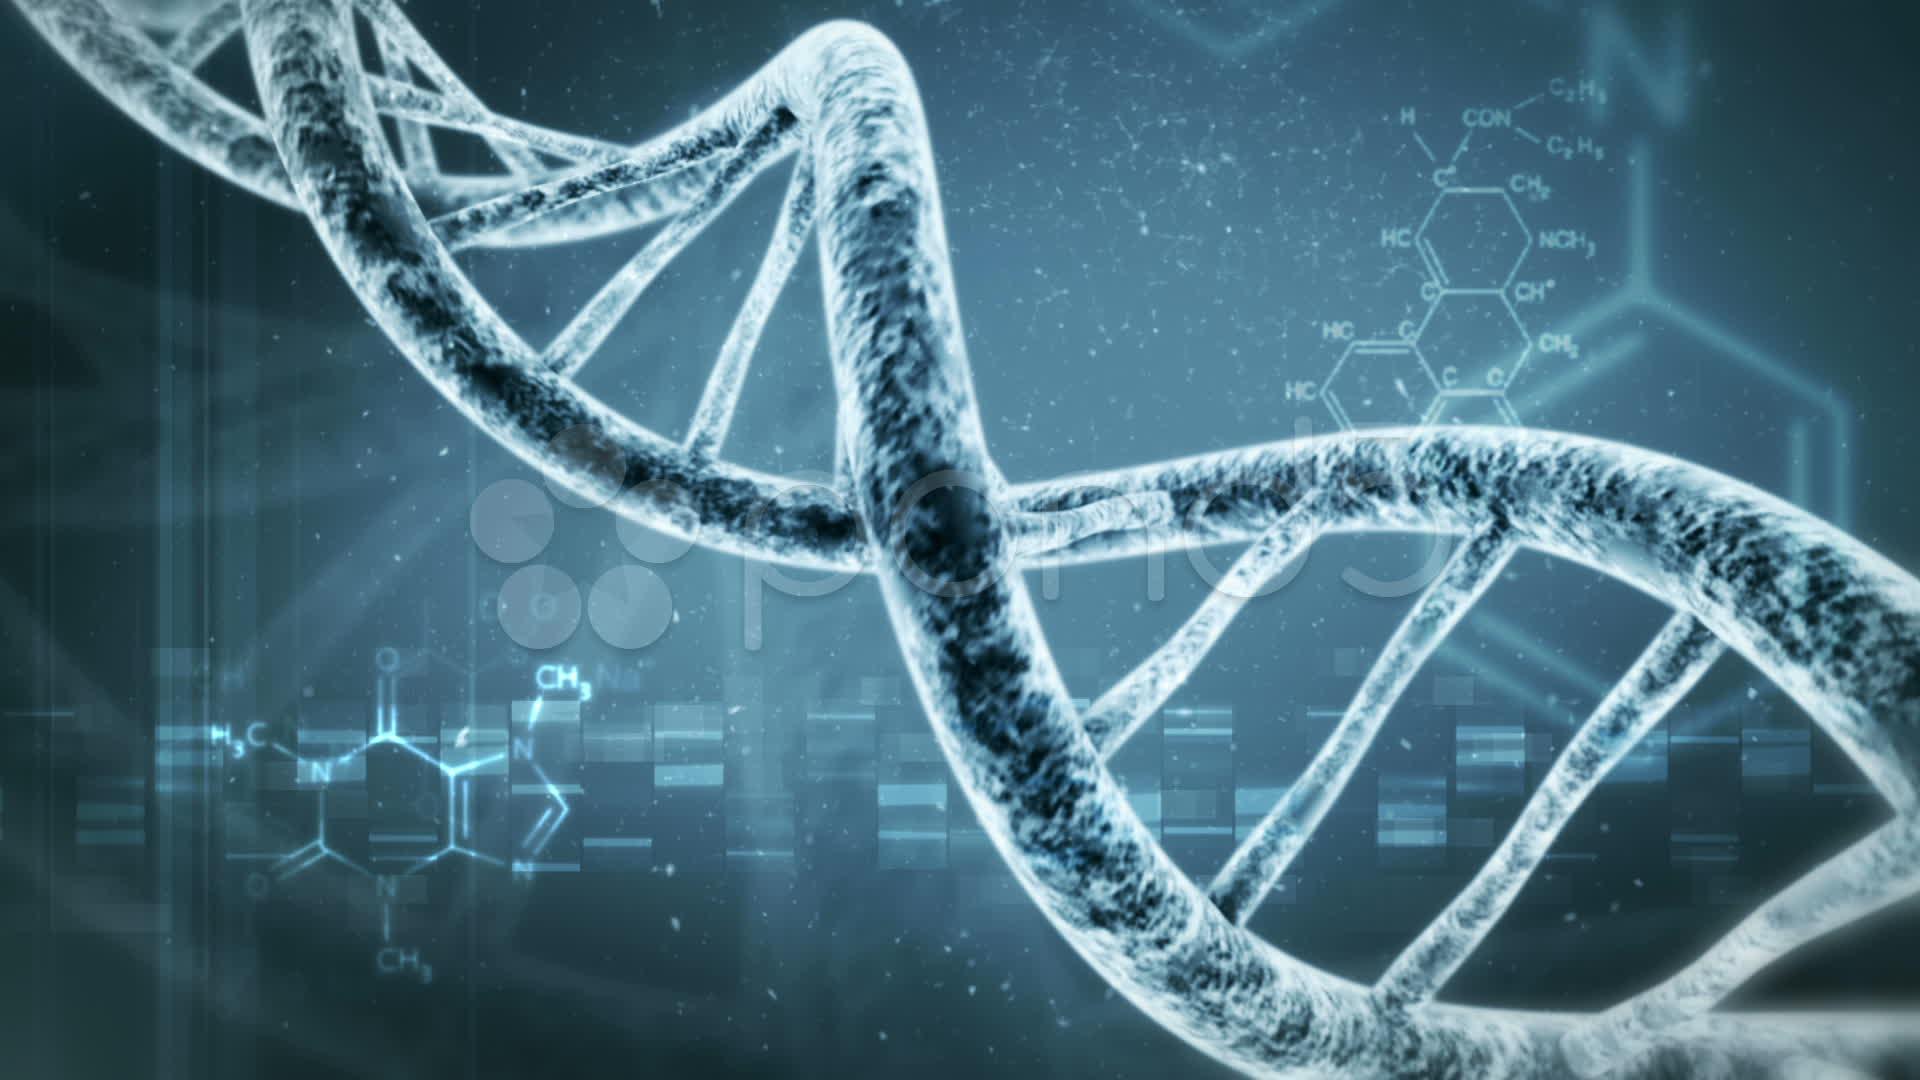 revolución-genomica